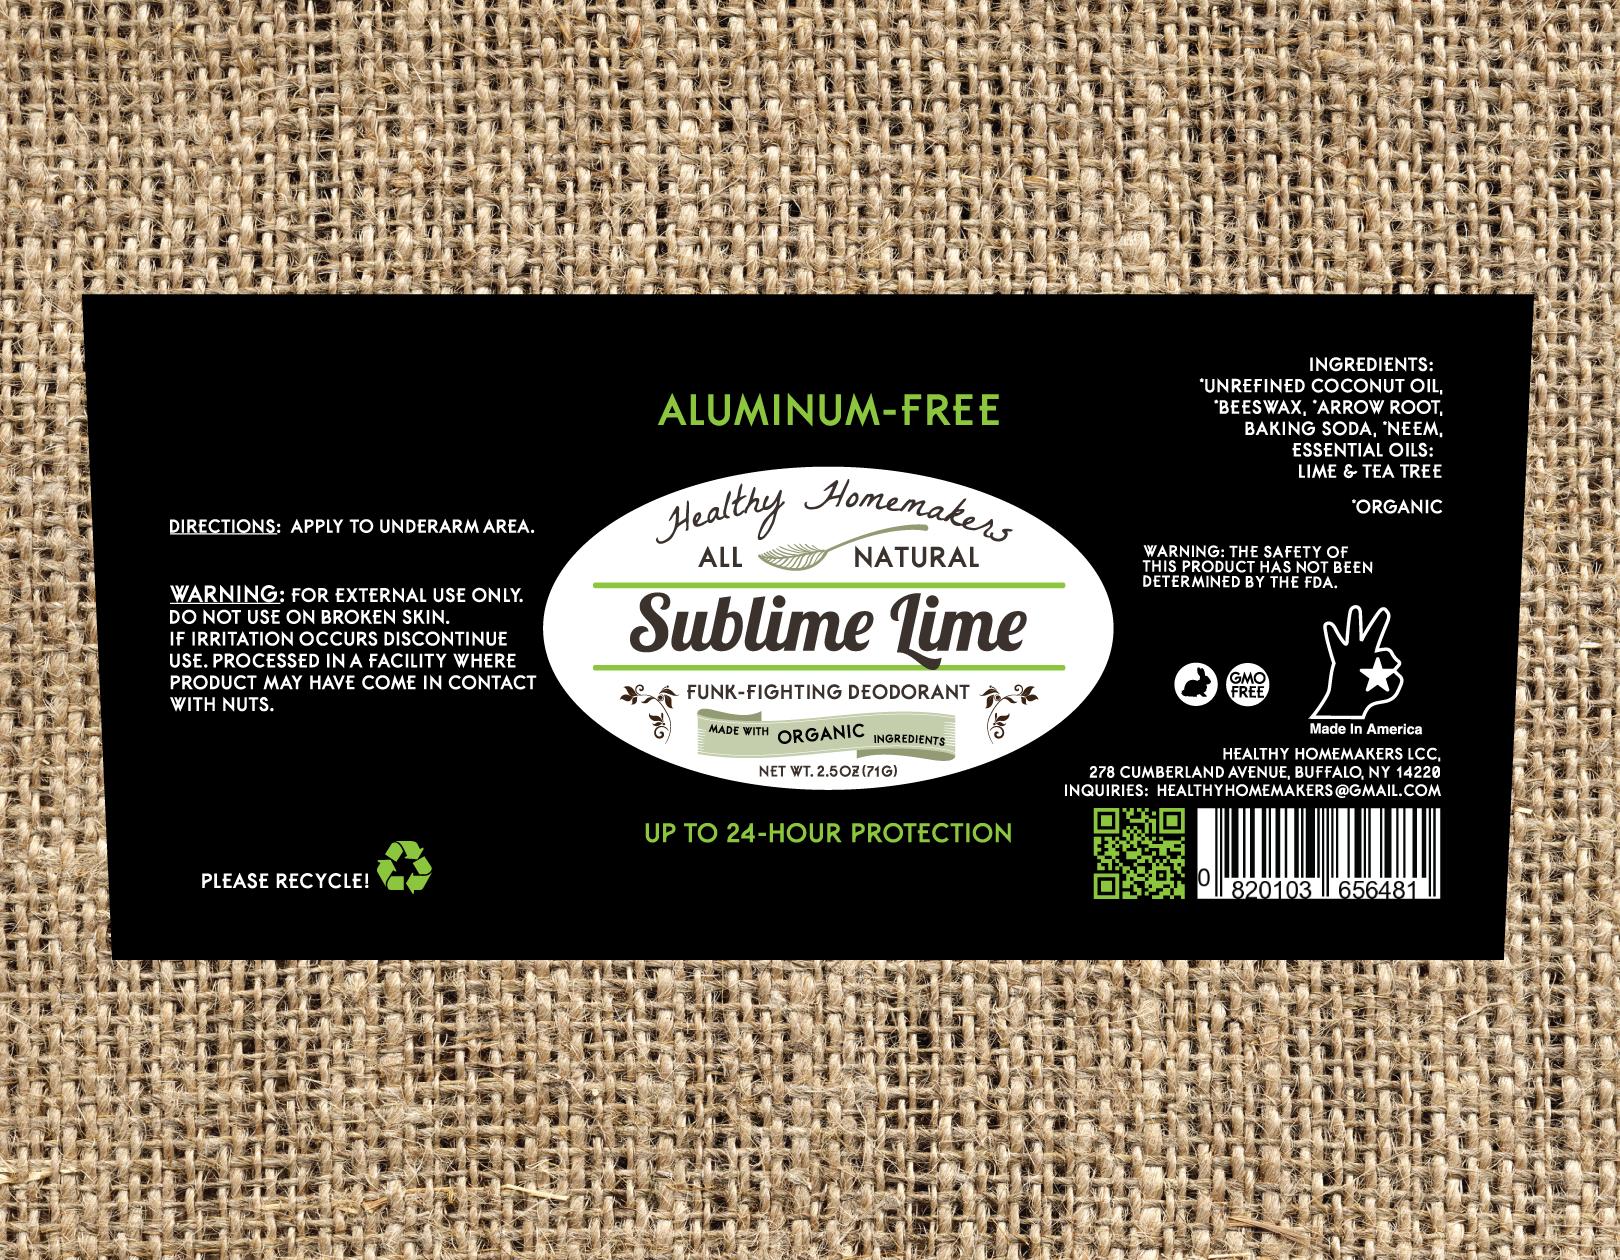 Sublime Lime - Aluminum Free Deodorant